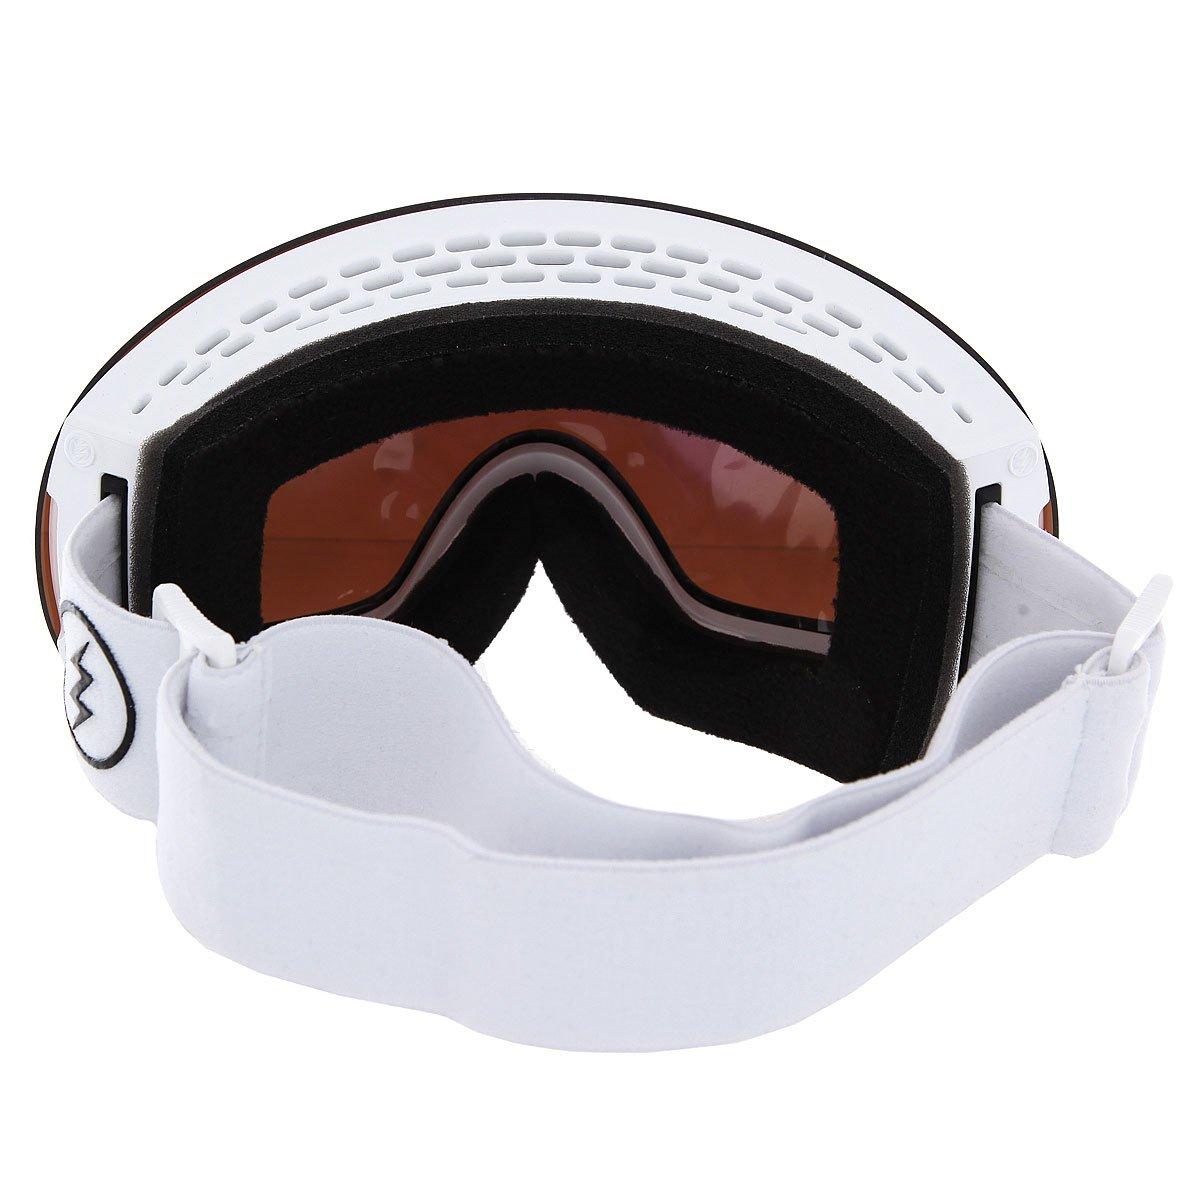 Маска для сноуборда Electric Eg3 Gloss White+Black/Brose/Silver Chrome